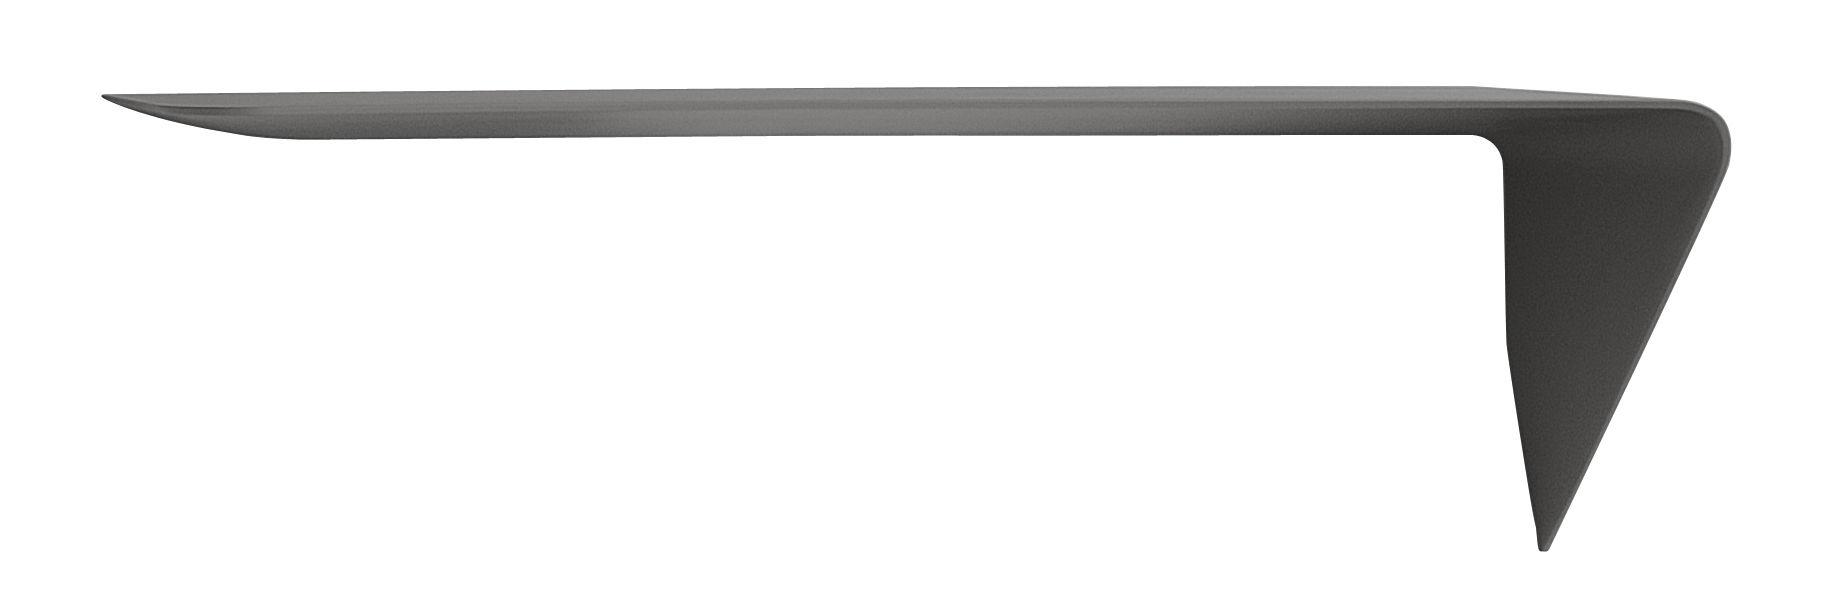 Mobilier - Etagères & bibliothèques - Etagère Mamba light / bureau suspendu - Angle droite - L 134 x H 44 cm - MDF Italia - Gris - Fibre de bois